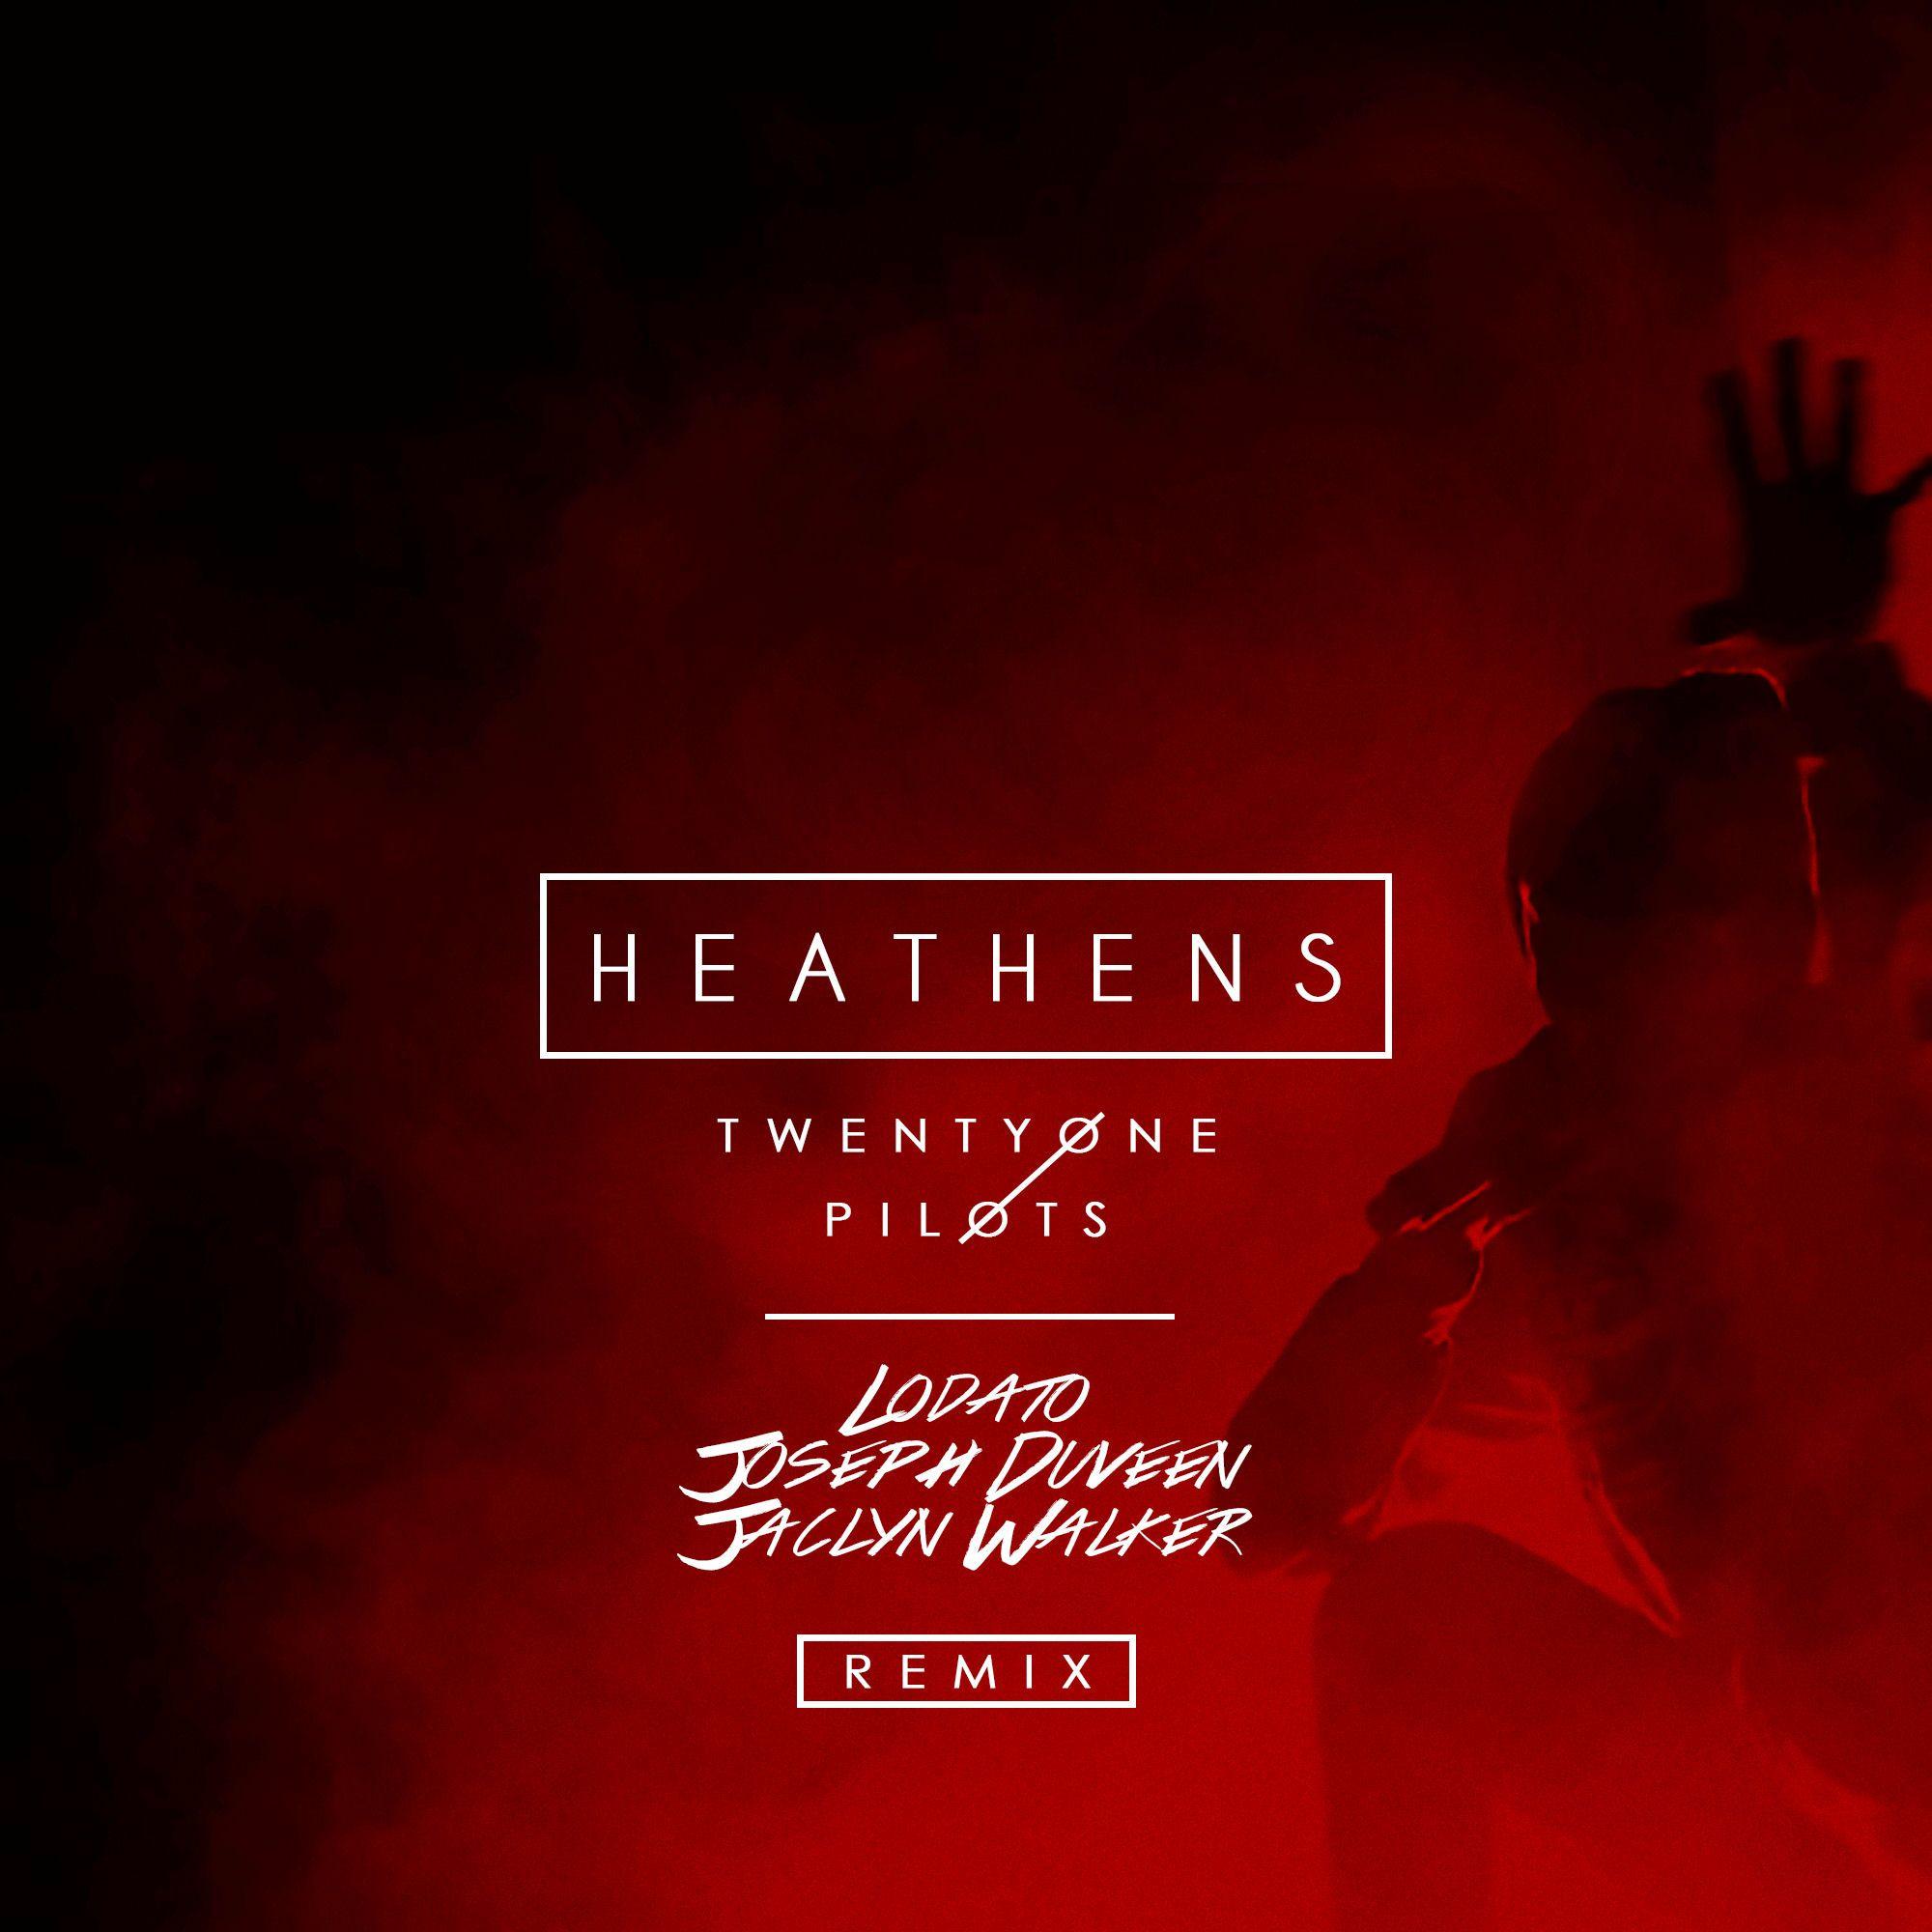 twentyone_pilots_-_heathens_lodato_joseph_duveen_jaclyn_walker_remix.jpg